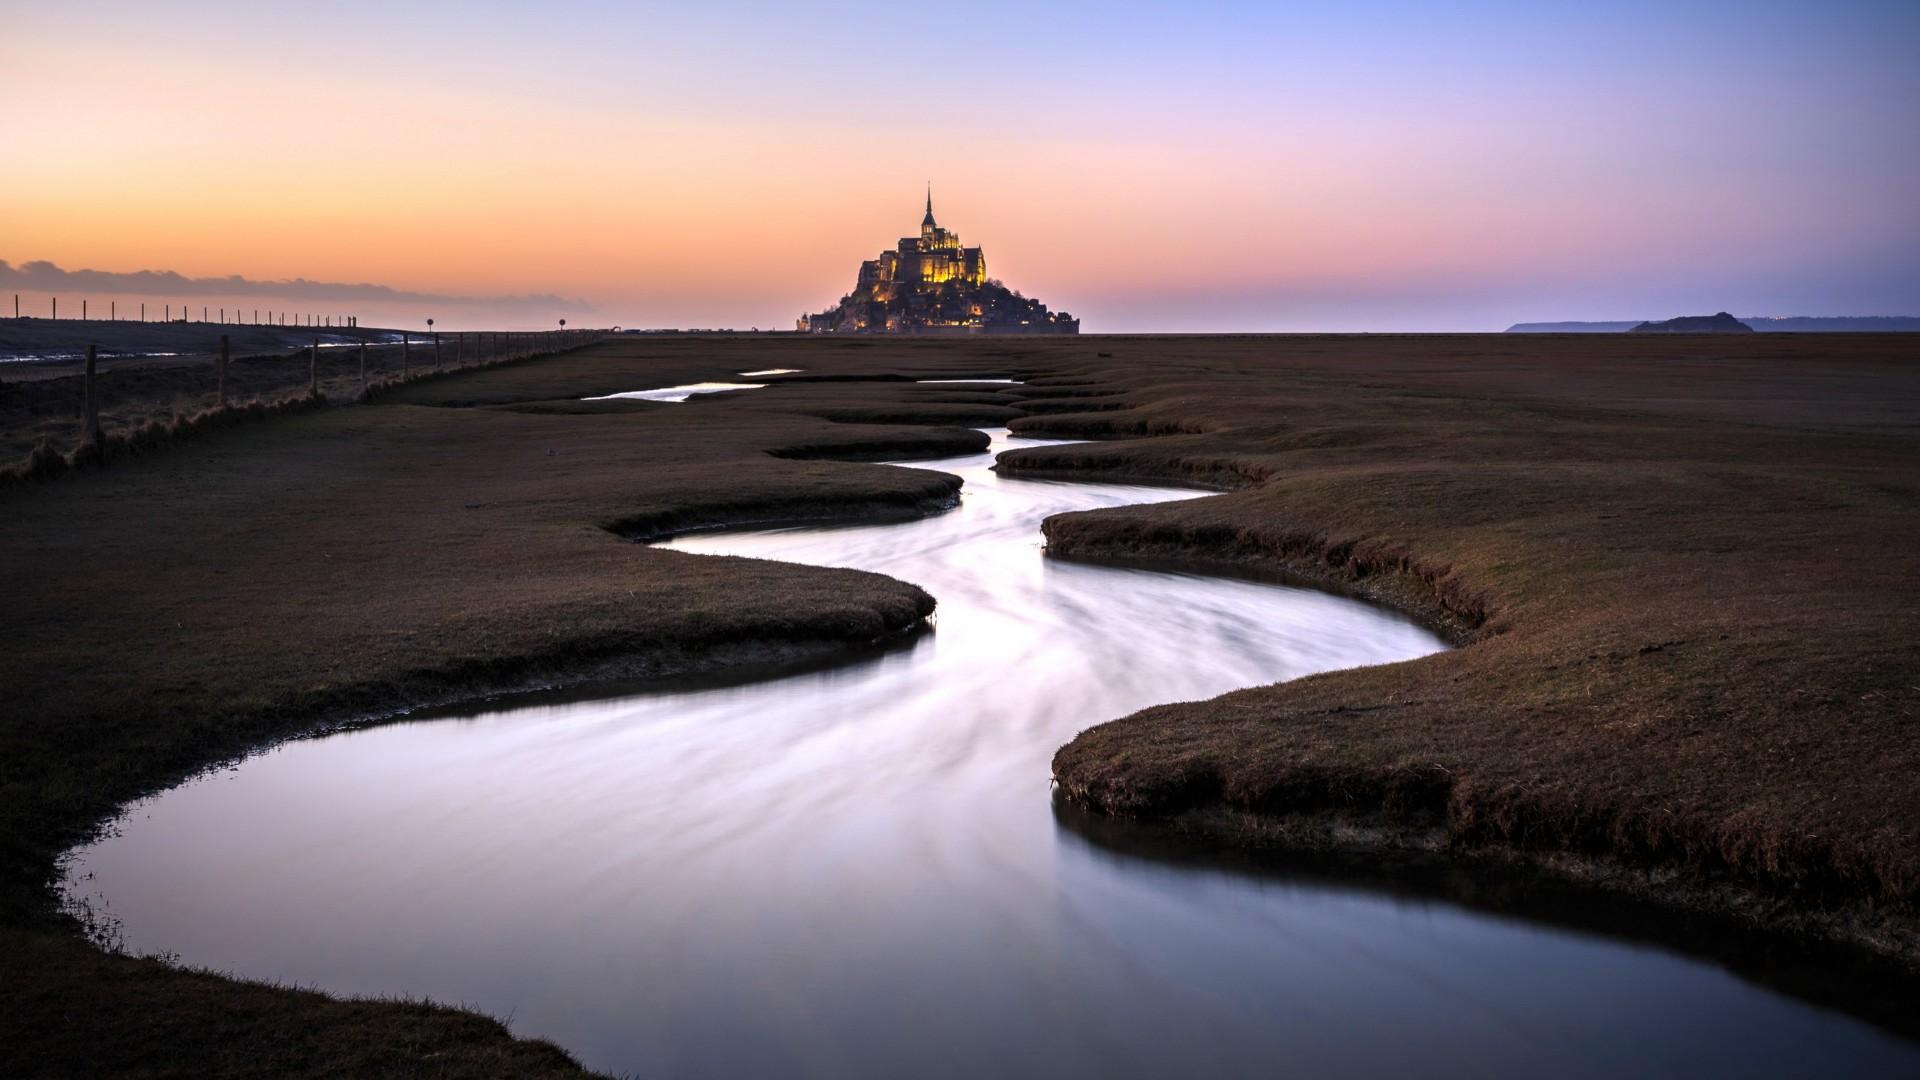 Mont Saint-Michel (Normandy, France) wallpaper